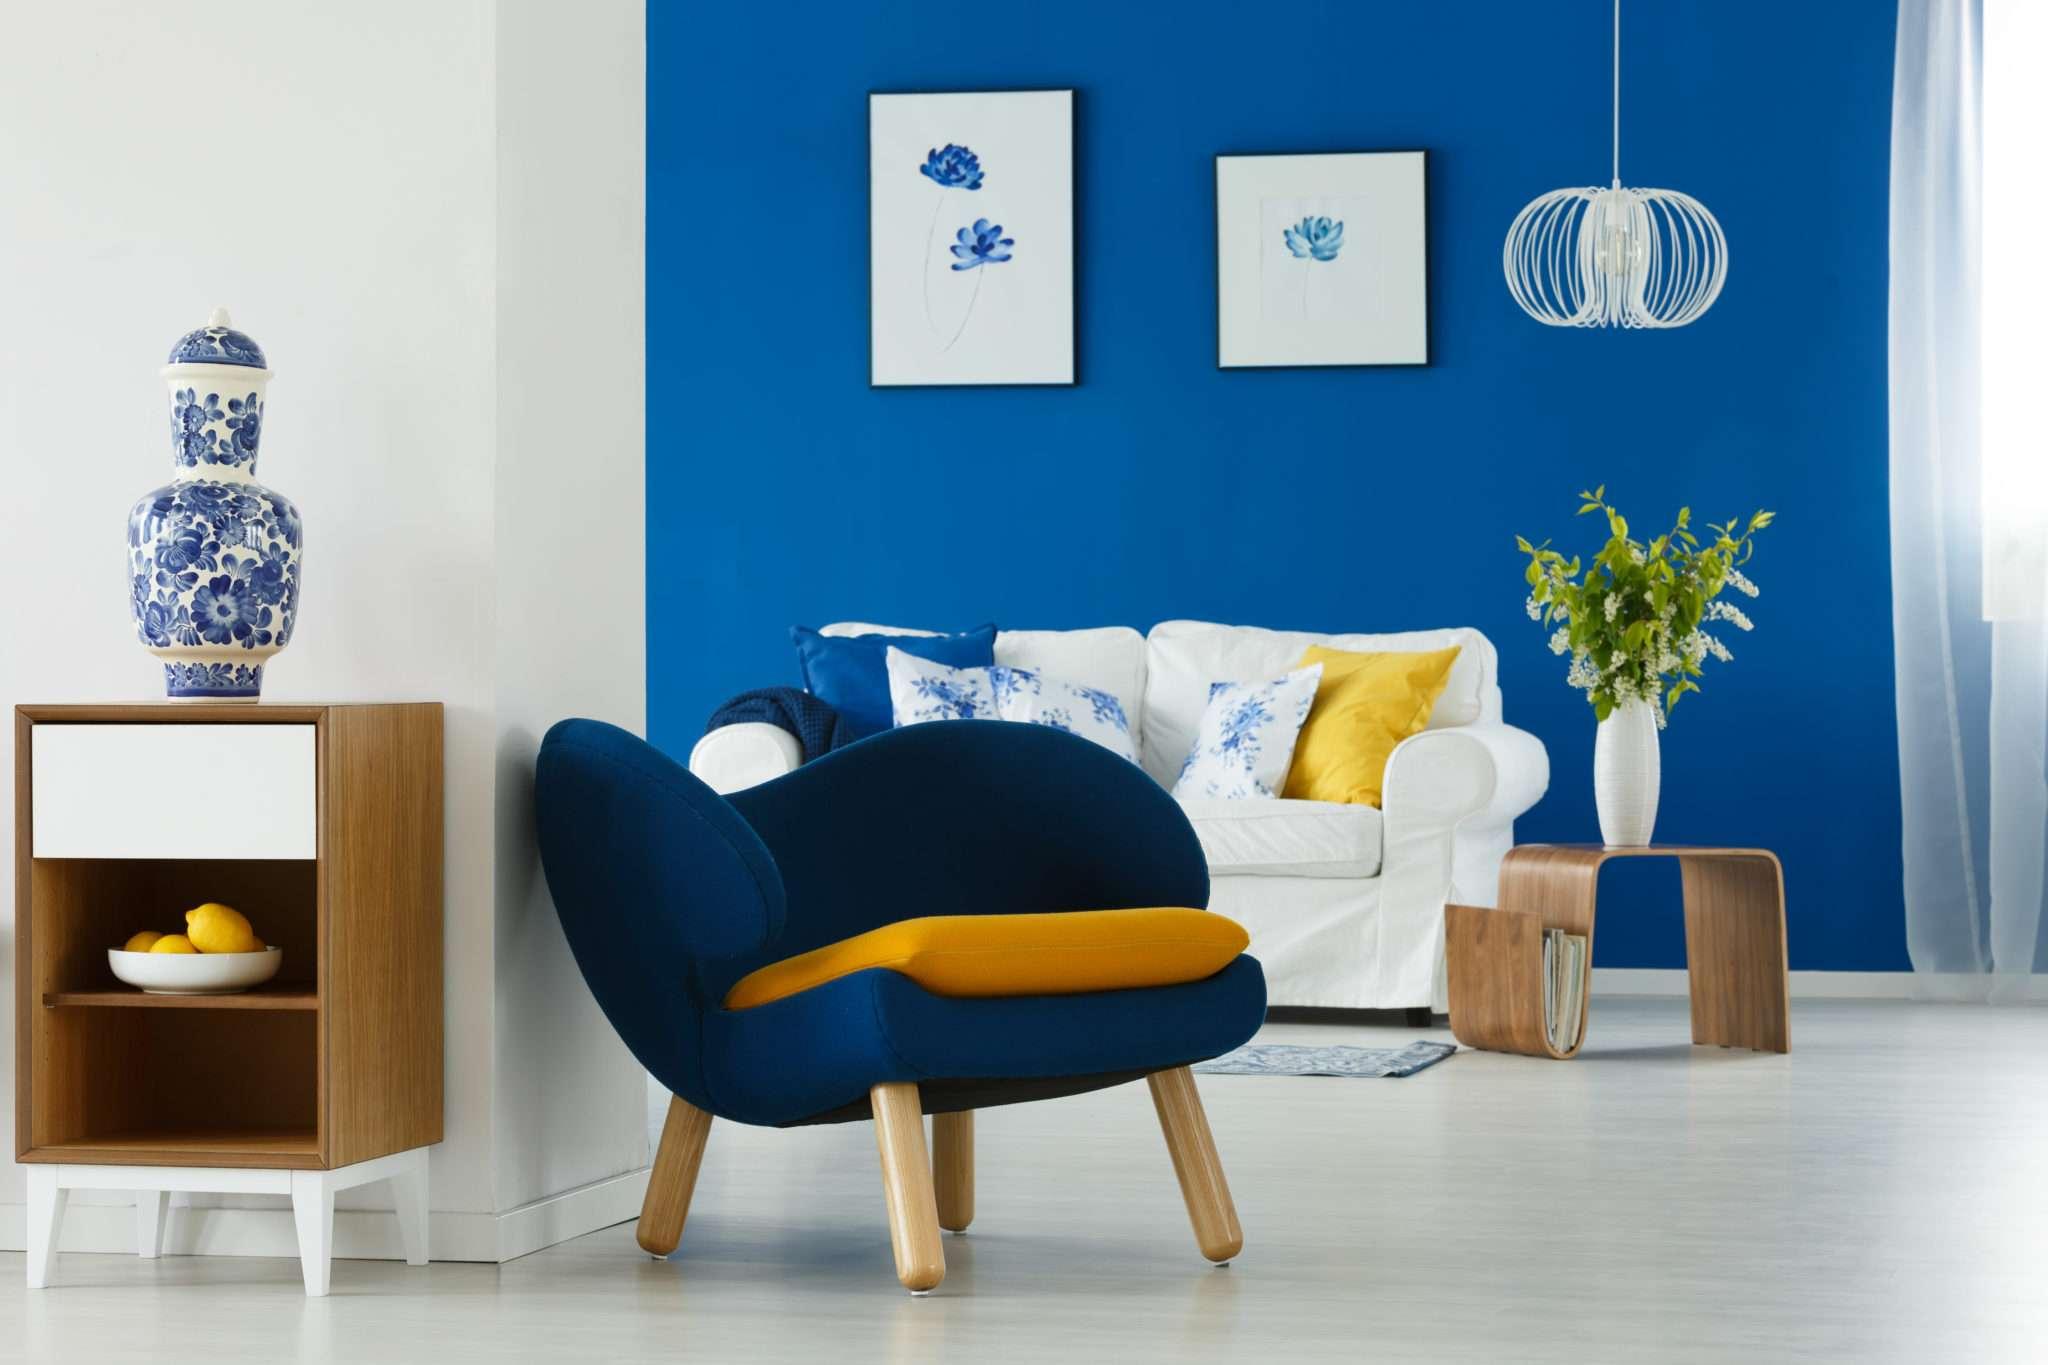 Salon avec canapé blanc et fauteuil en tissu bleu et jaune, mis en valeur par notre bleu vif ELECTRIC BLUE - N°2013